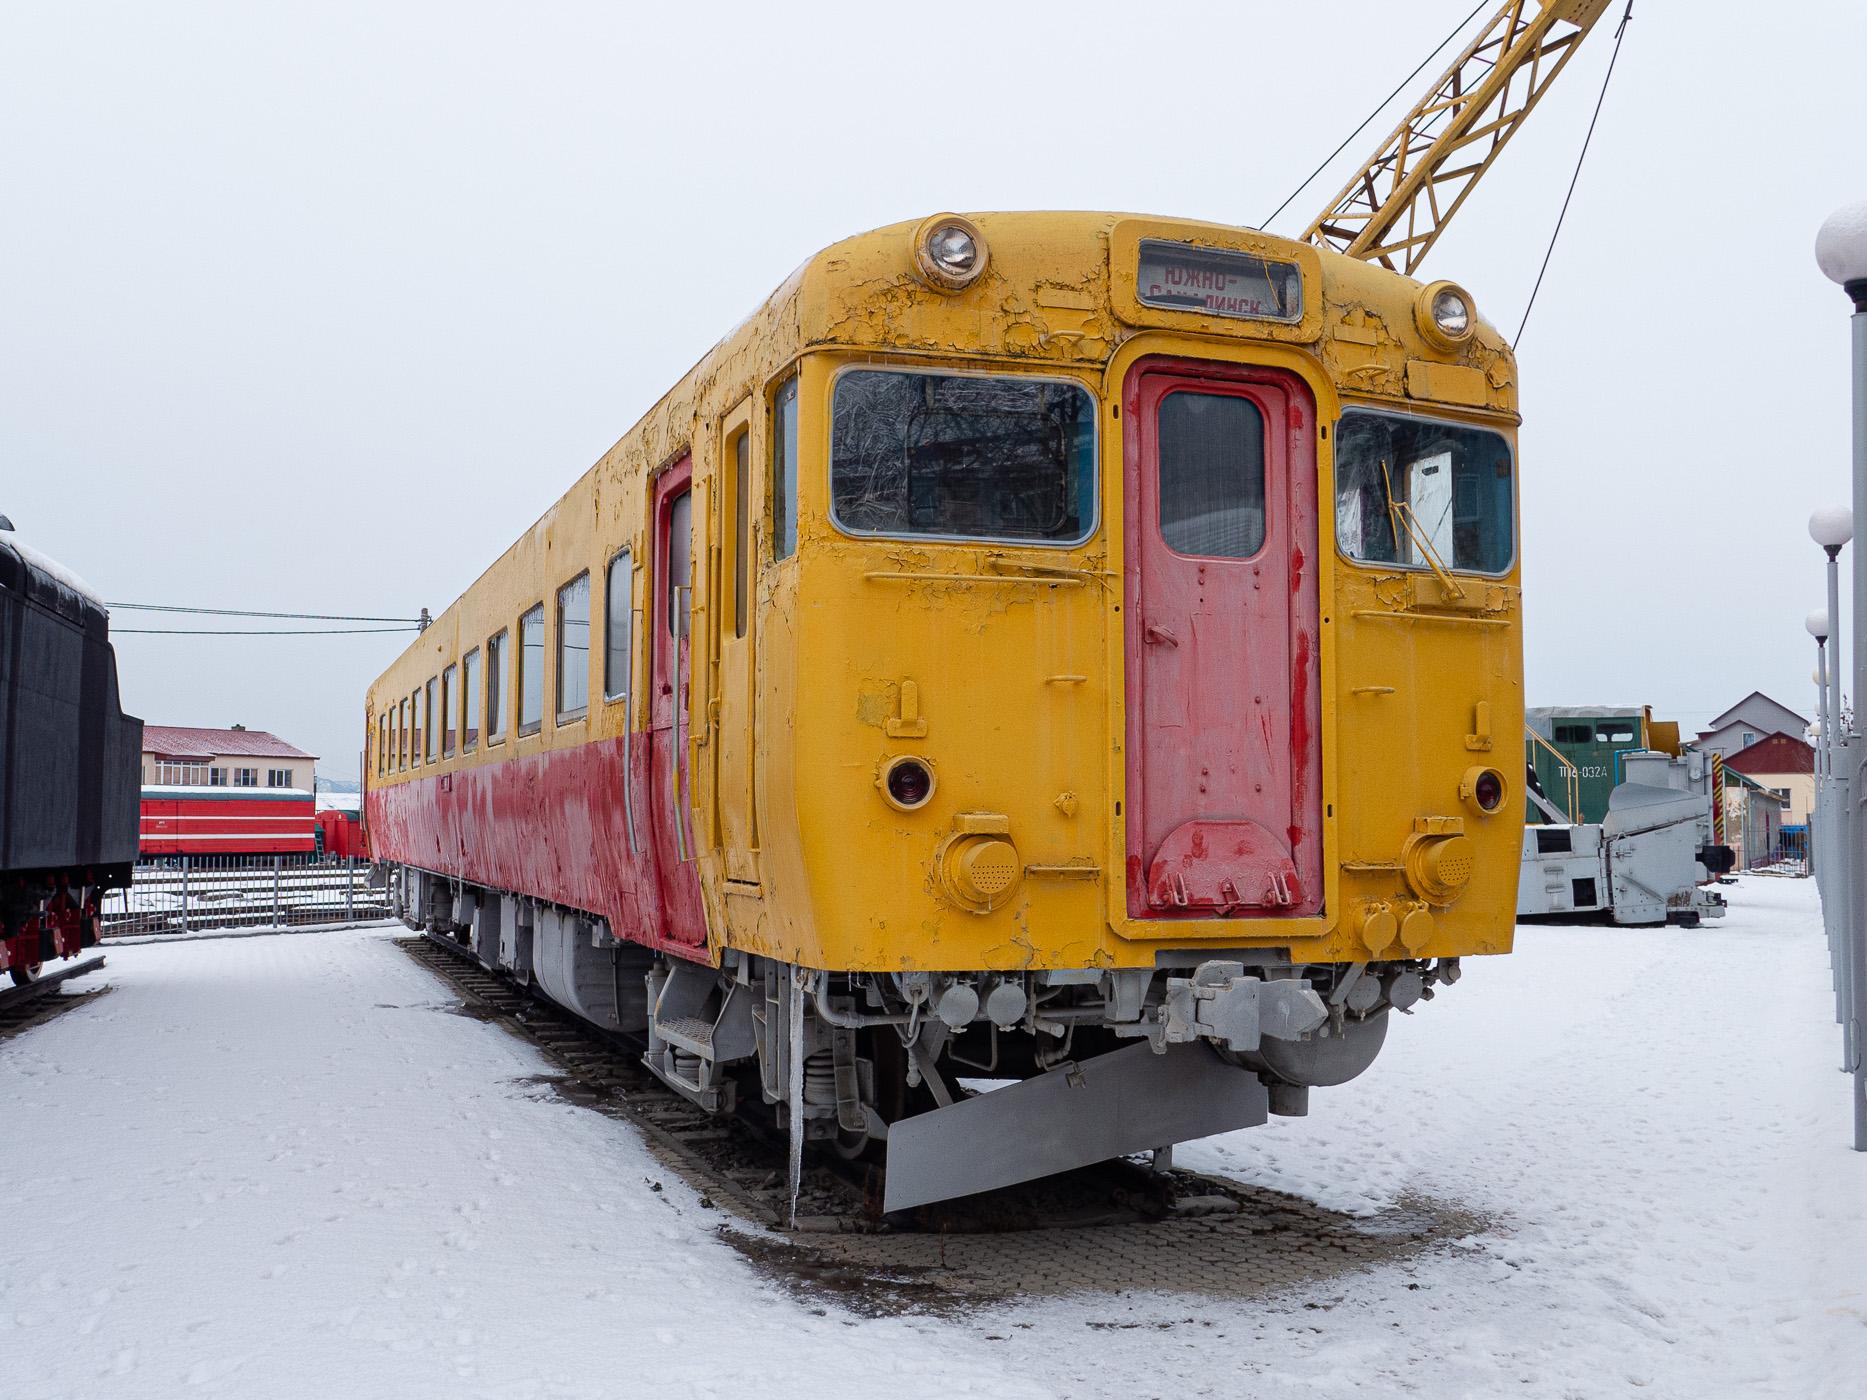 ユジノサハリンスクで展示されていた車両